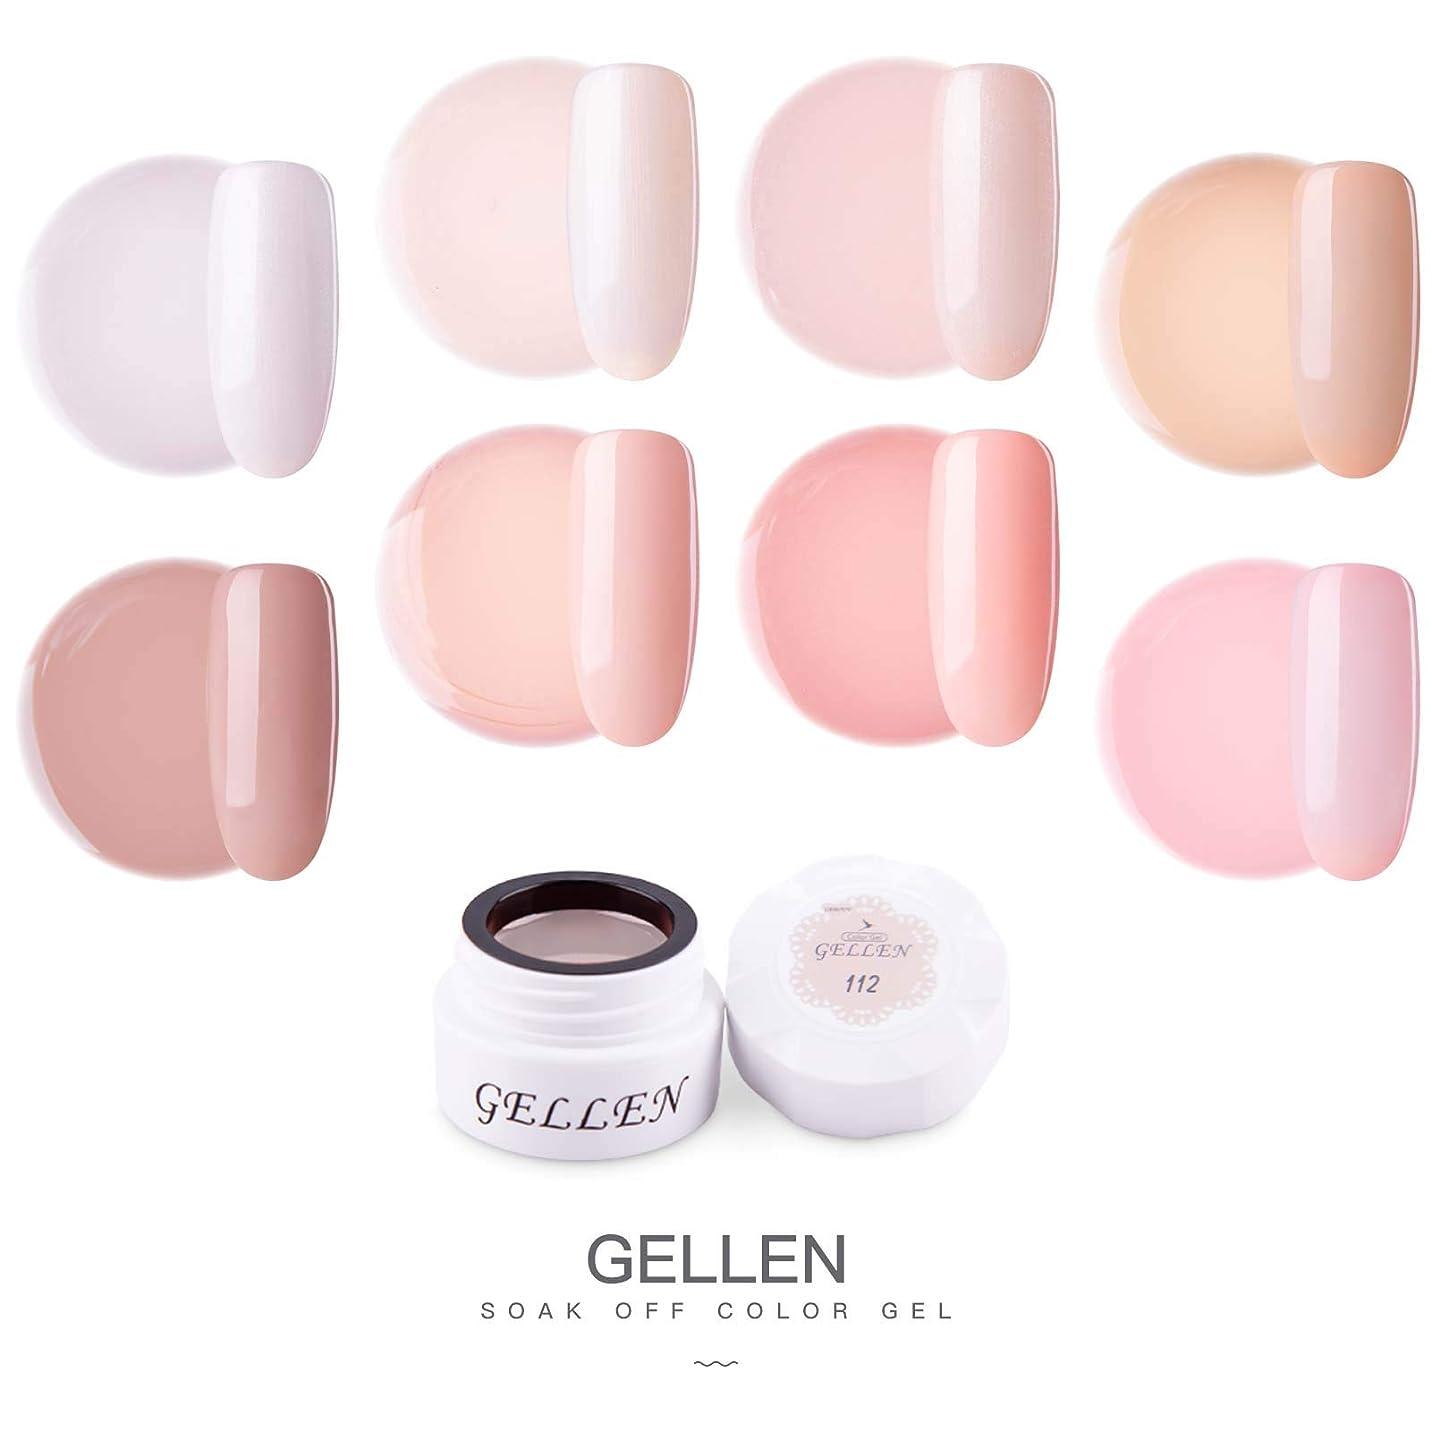 数字エアコンソーシャルGellen カラージェル 8色 セット[ヌードピンク系]高品質 5g ジェルネイル カラー ネイルブラシ付き